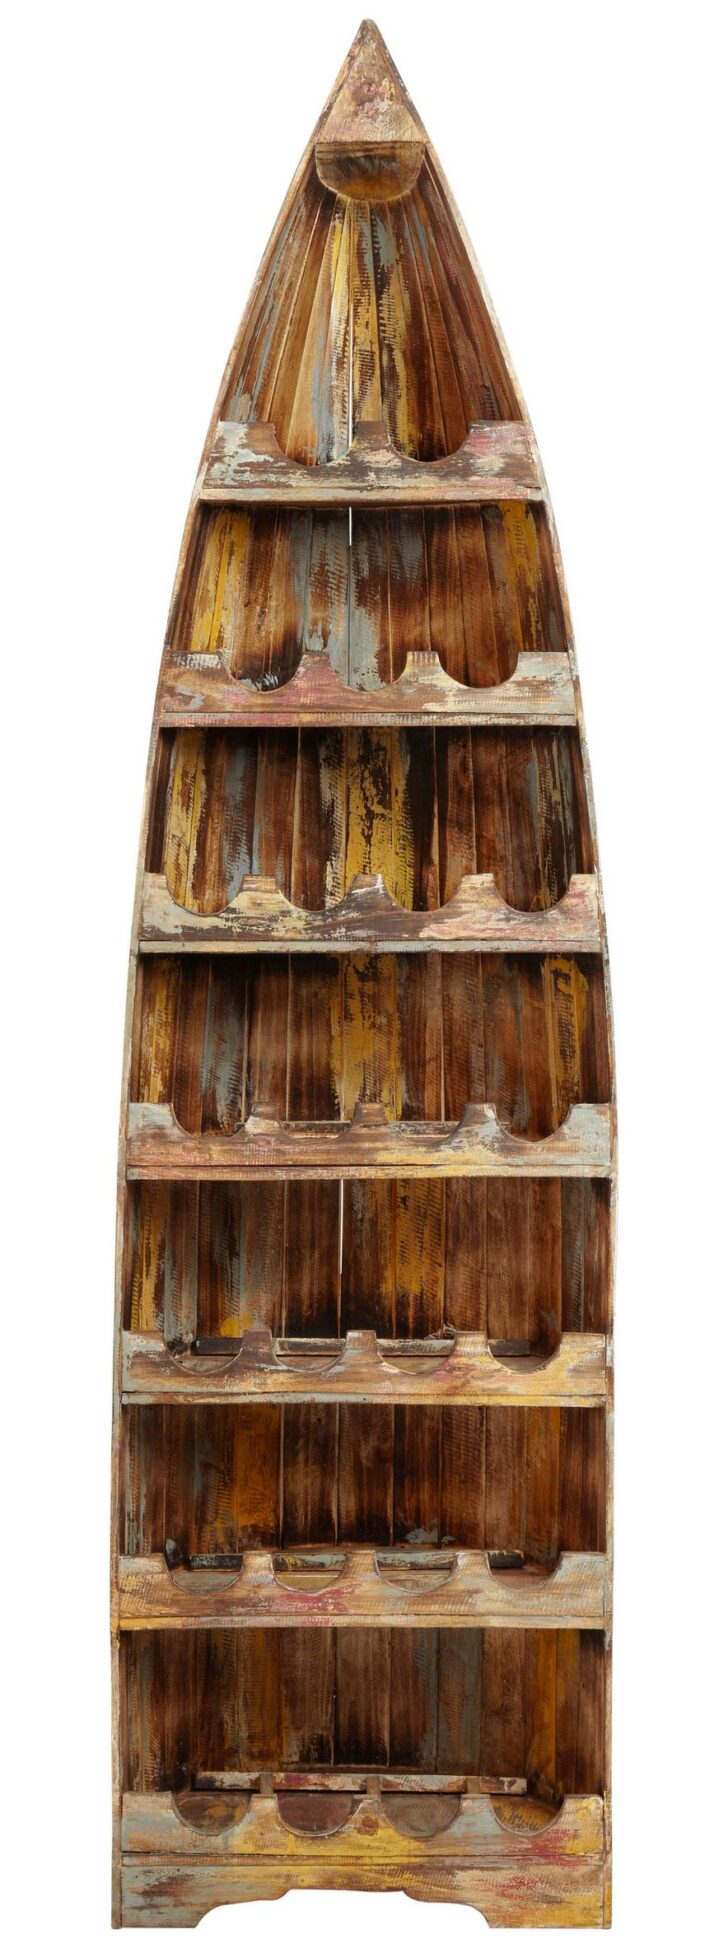 Medium Size of Weinregal Wand Modern Braun Online Kaufen Mmax Esstisch Rückwand Küche Glas Deckenleuchte Schlafzimmer Lärmschutzwand Garten Kosten Wandtattoo Wohnzimmer Wohnzimmer Weinregal Wand Modern